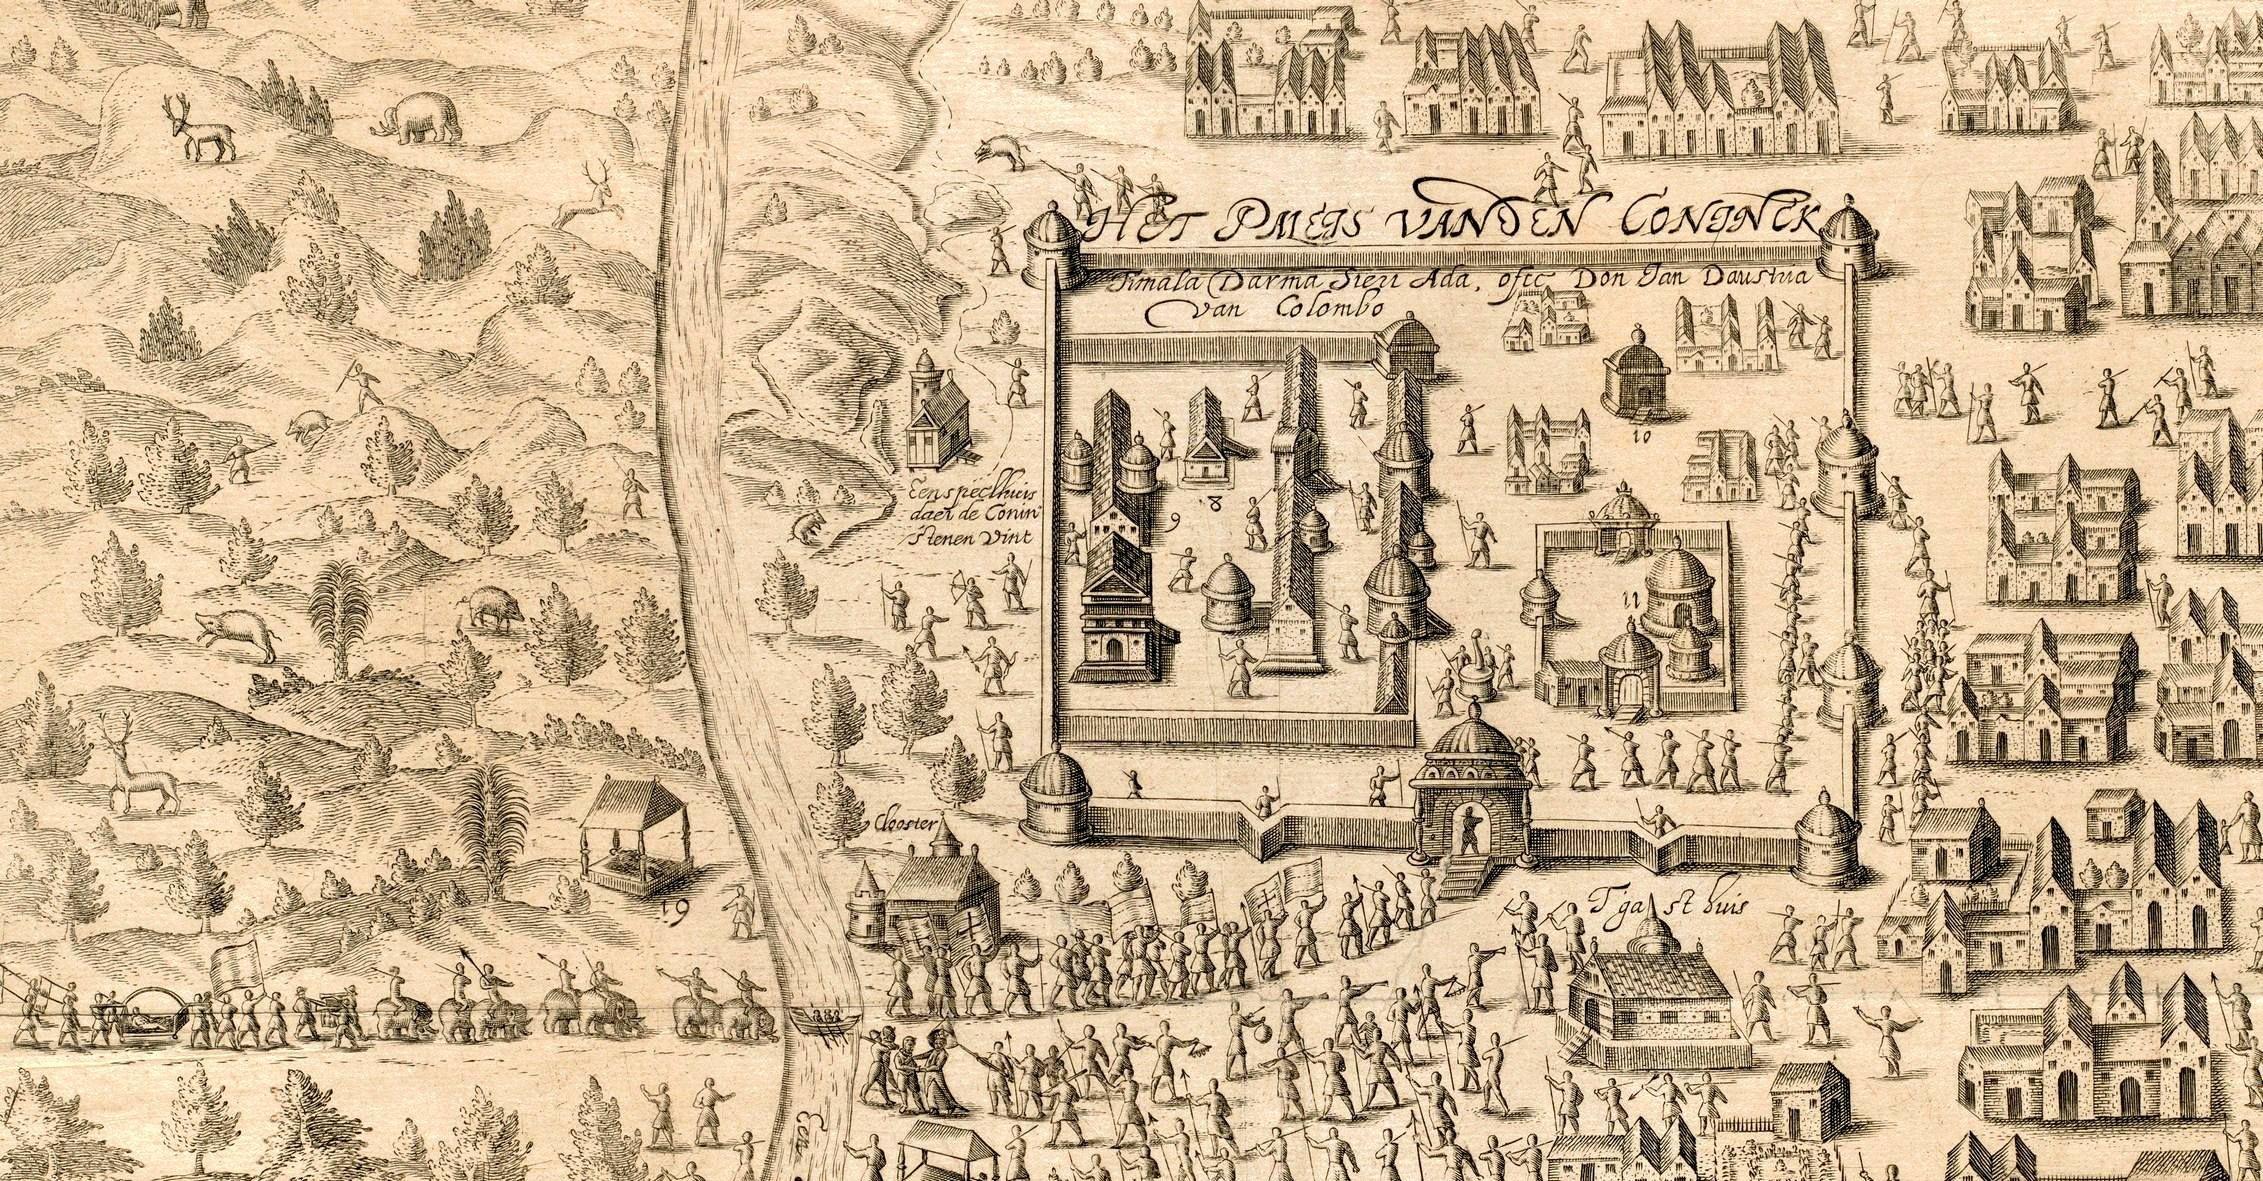 Aankomst Van Spilbergen bij de koning van Kandy, 1602. Houtsnede naar Floris Balthasarsz van Berckenrode, 1601-1604.